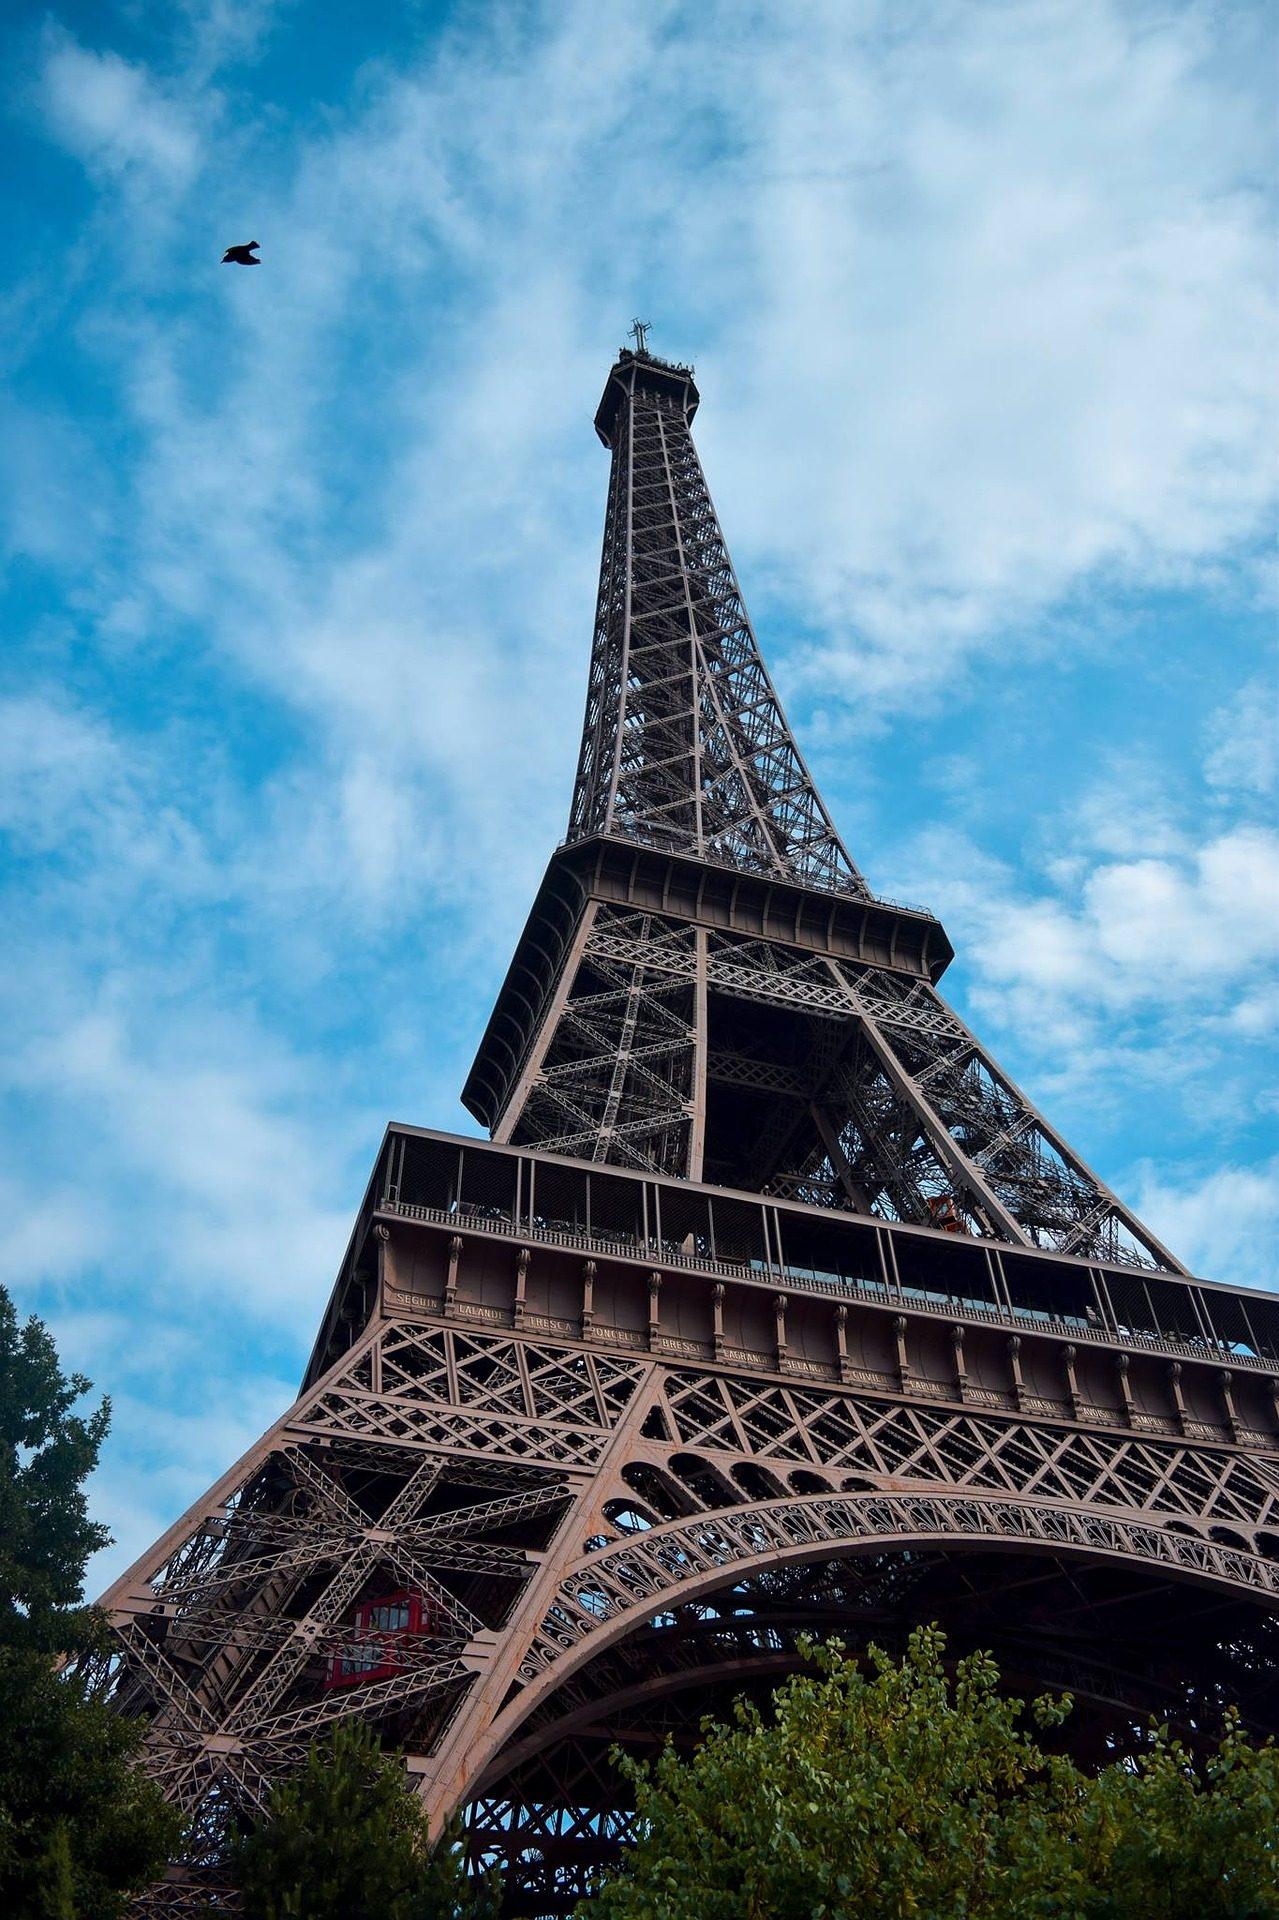 टॉवर, eifel, स्मारक, ऊंचाई, पेरिस - HD वॉलपेपर - प्रोफेसर-falken.com